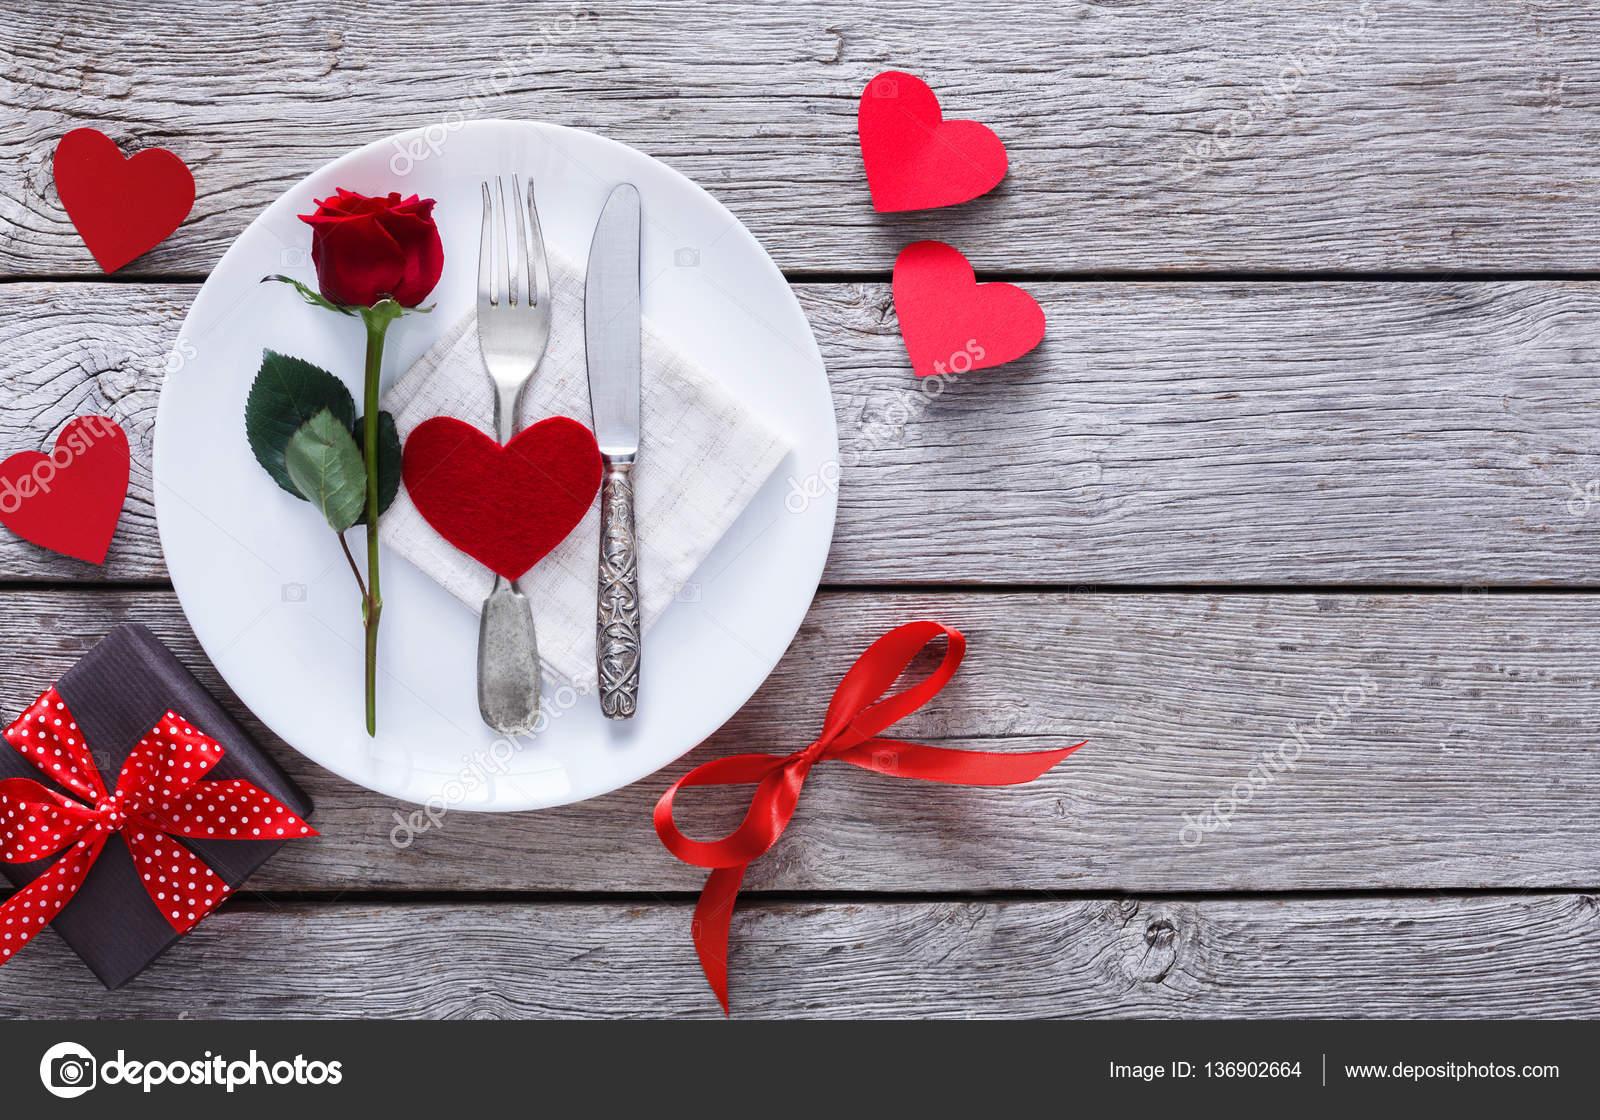 Conceito de jantar romântico. Fundo de proposta ou dia dos